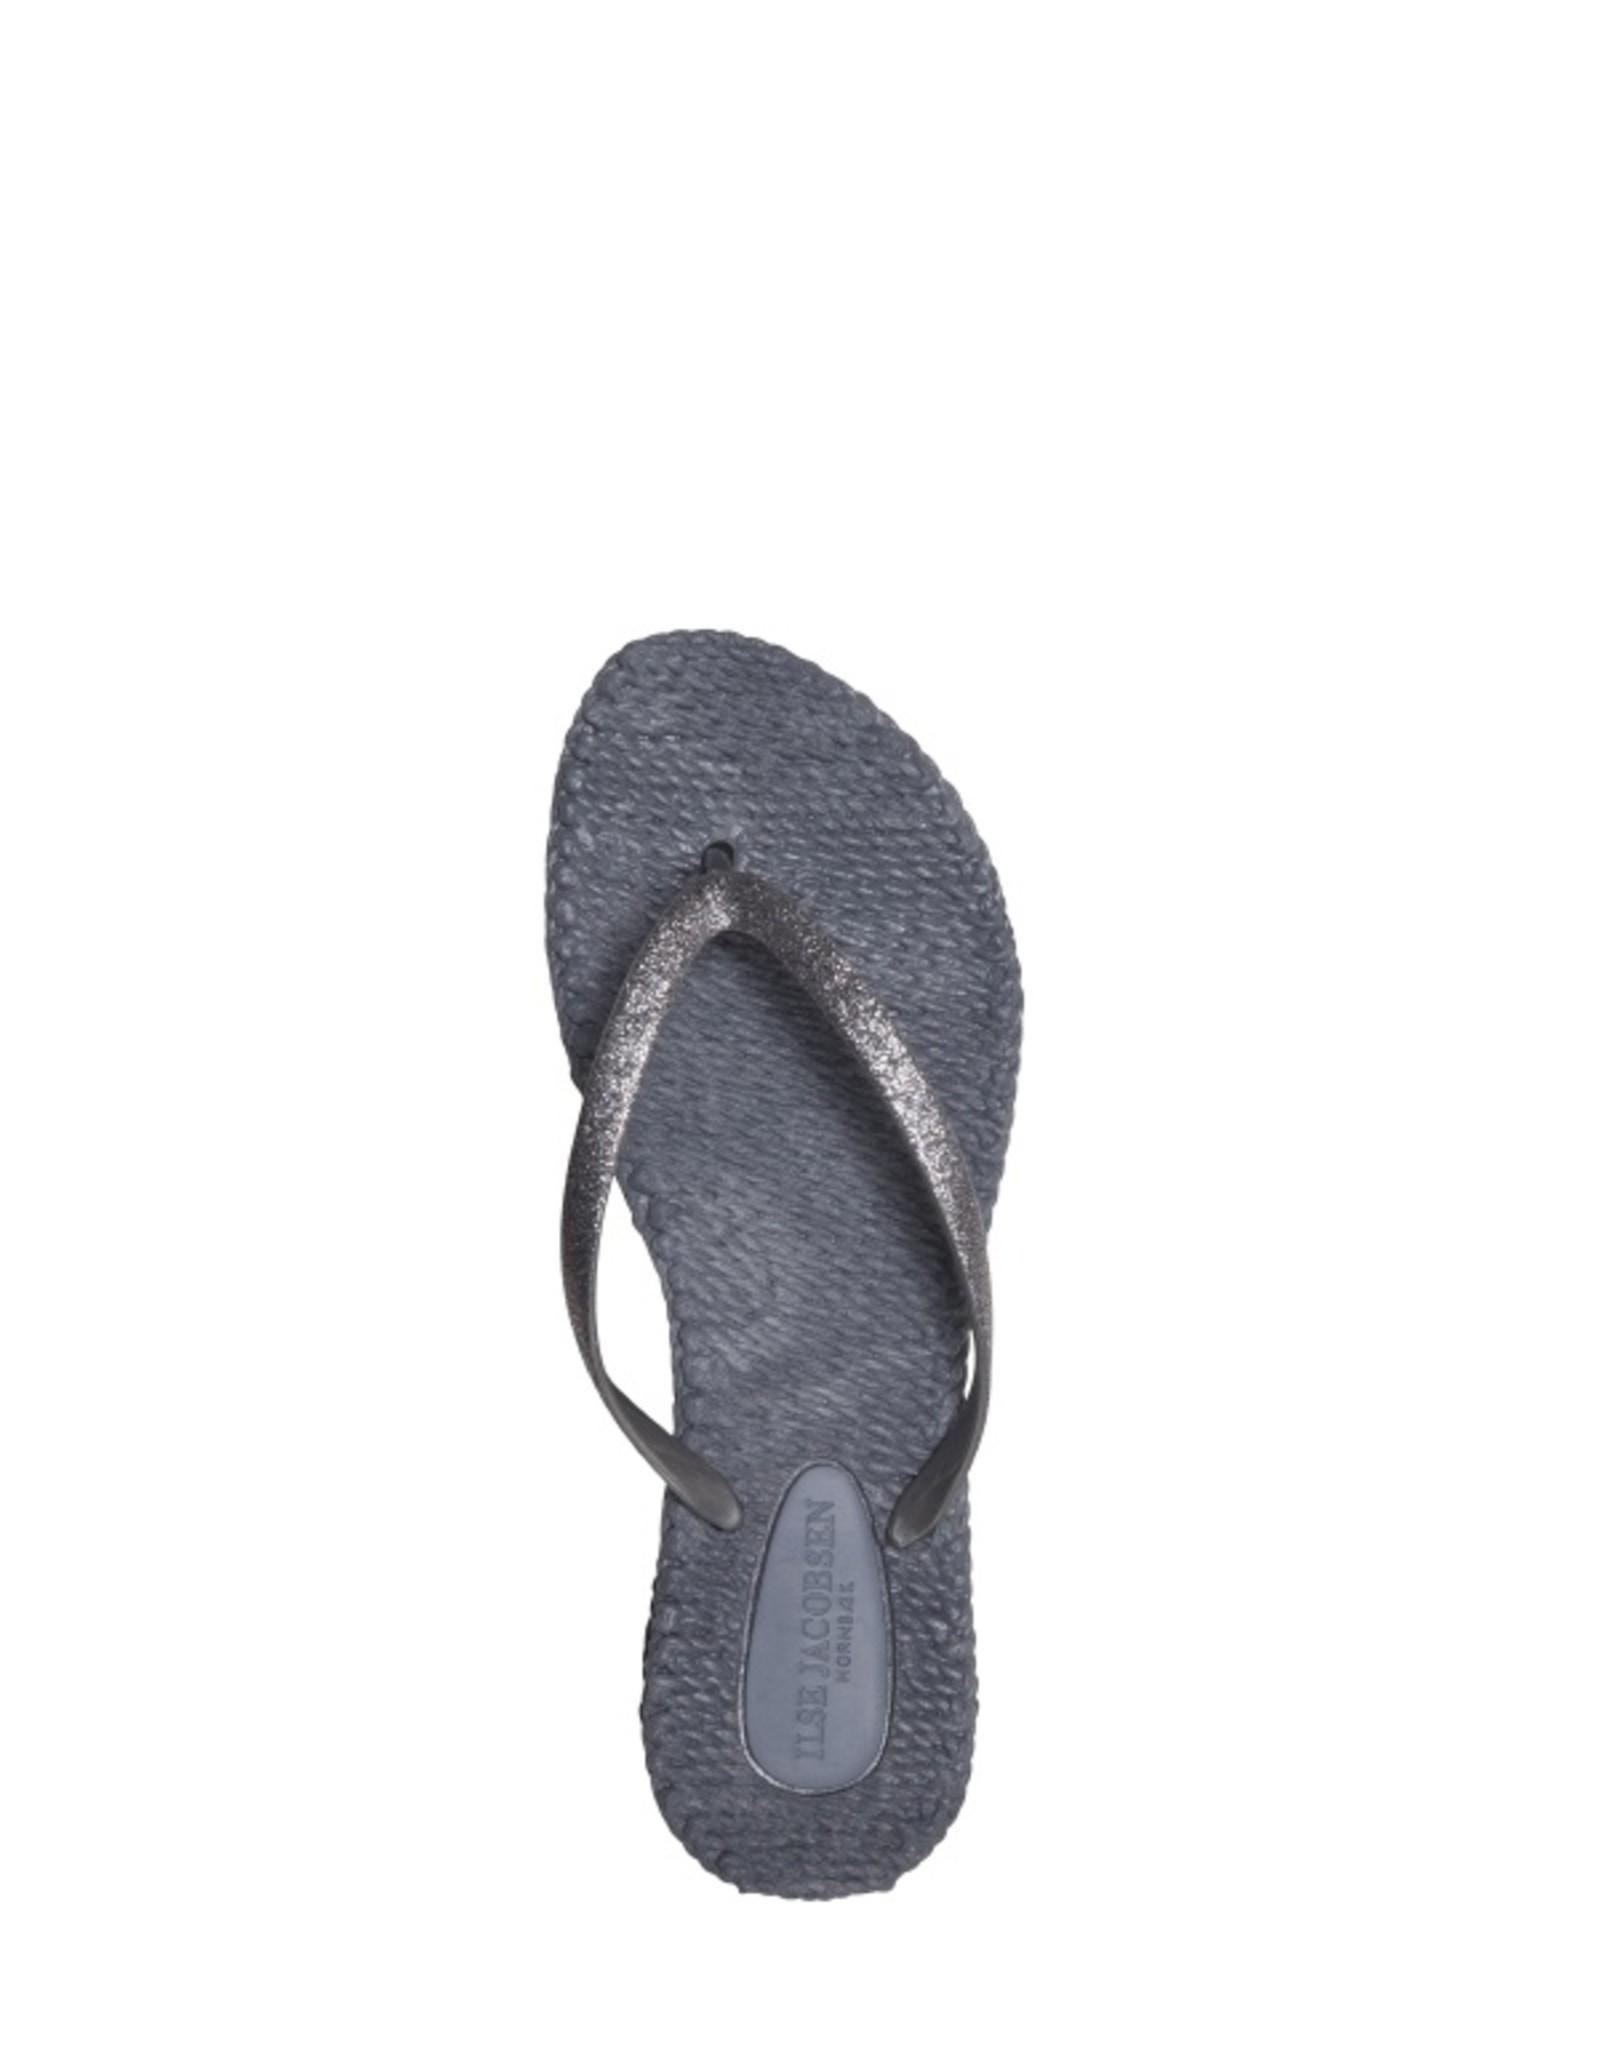 Ilse Jacobsen Ilse Jacobsen Cheerful Flip-flops Sandals